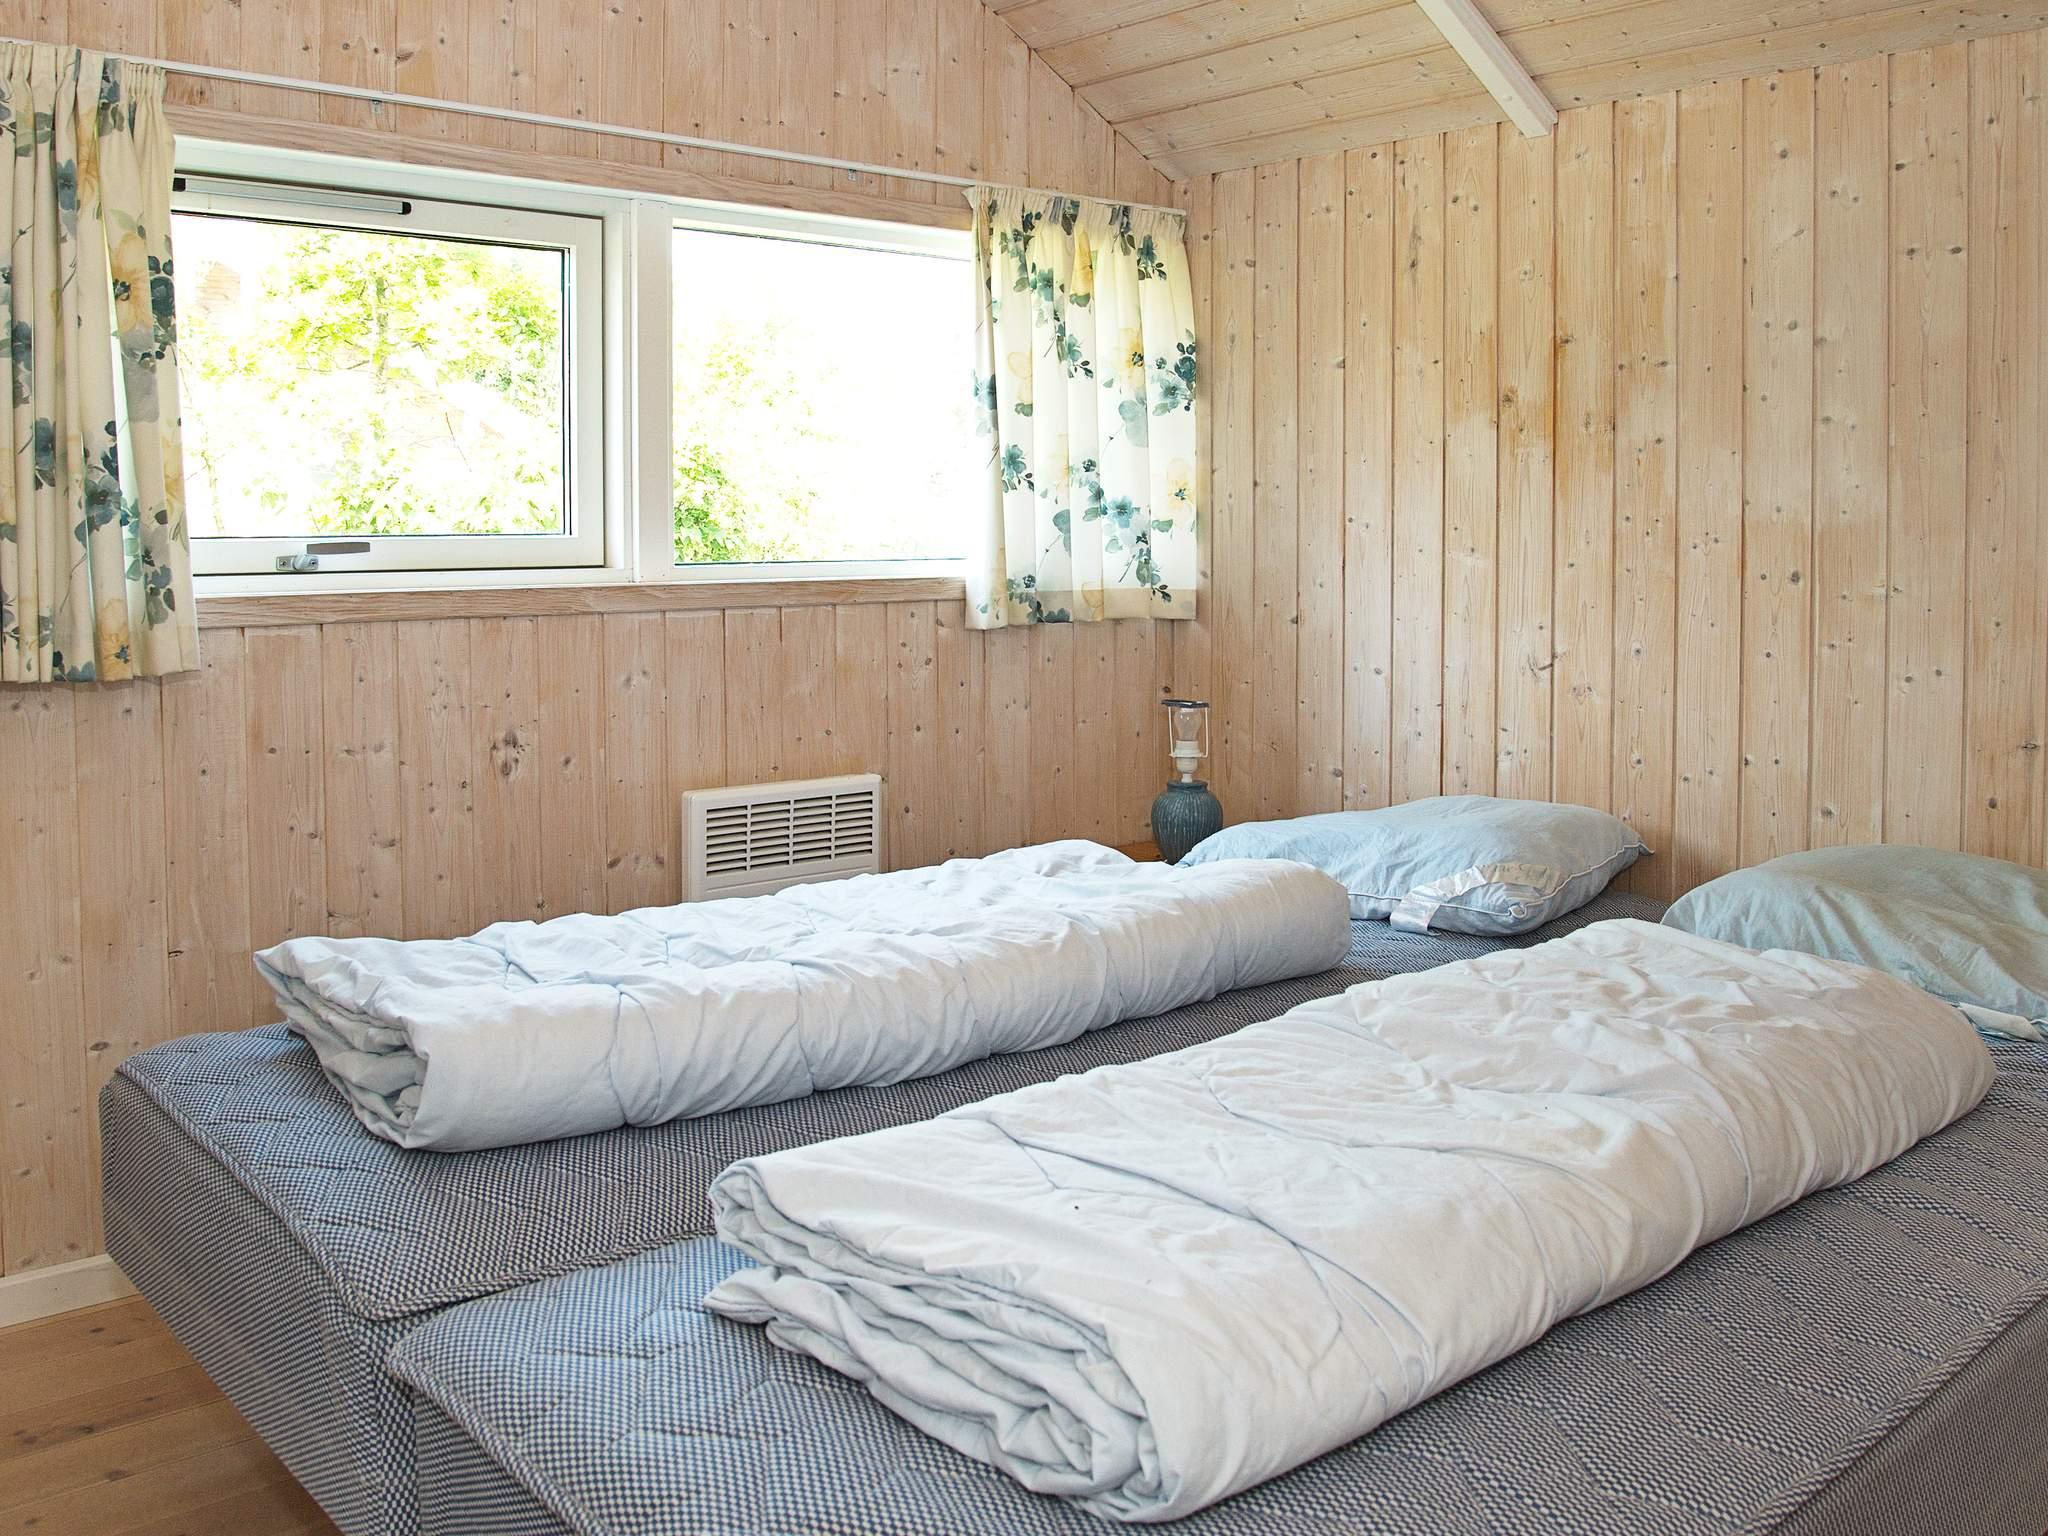 Ferienhaus Binderup Strand (85801), Binderup, , Südostjütland, Dänemark, Bild 8